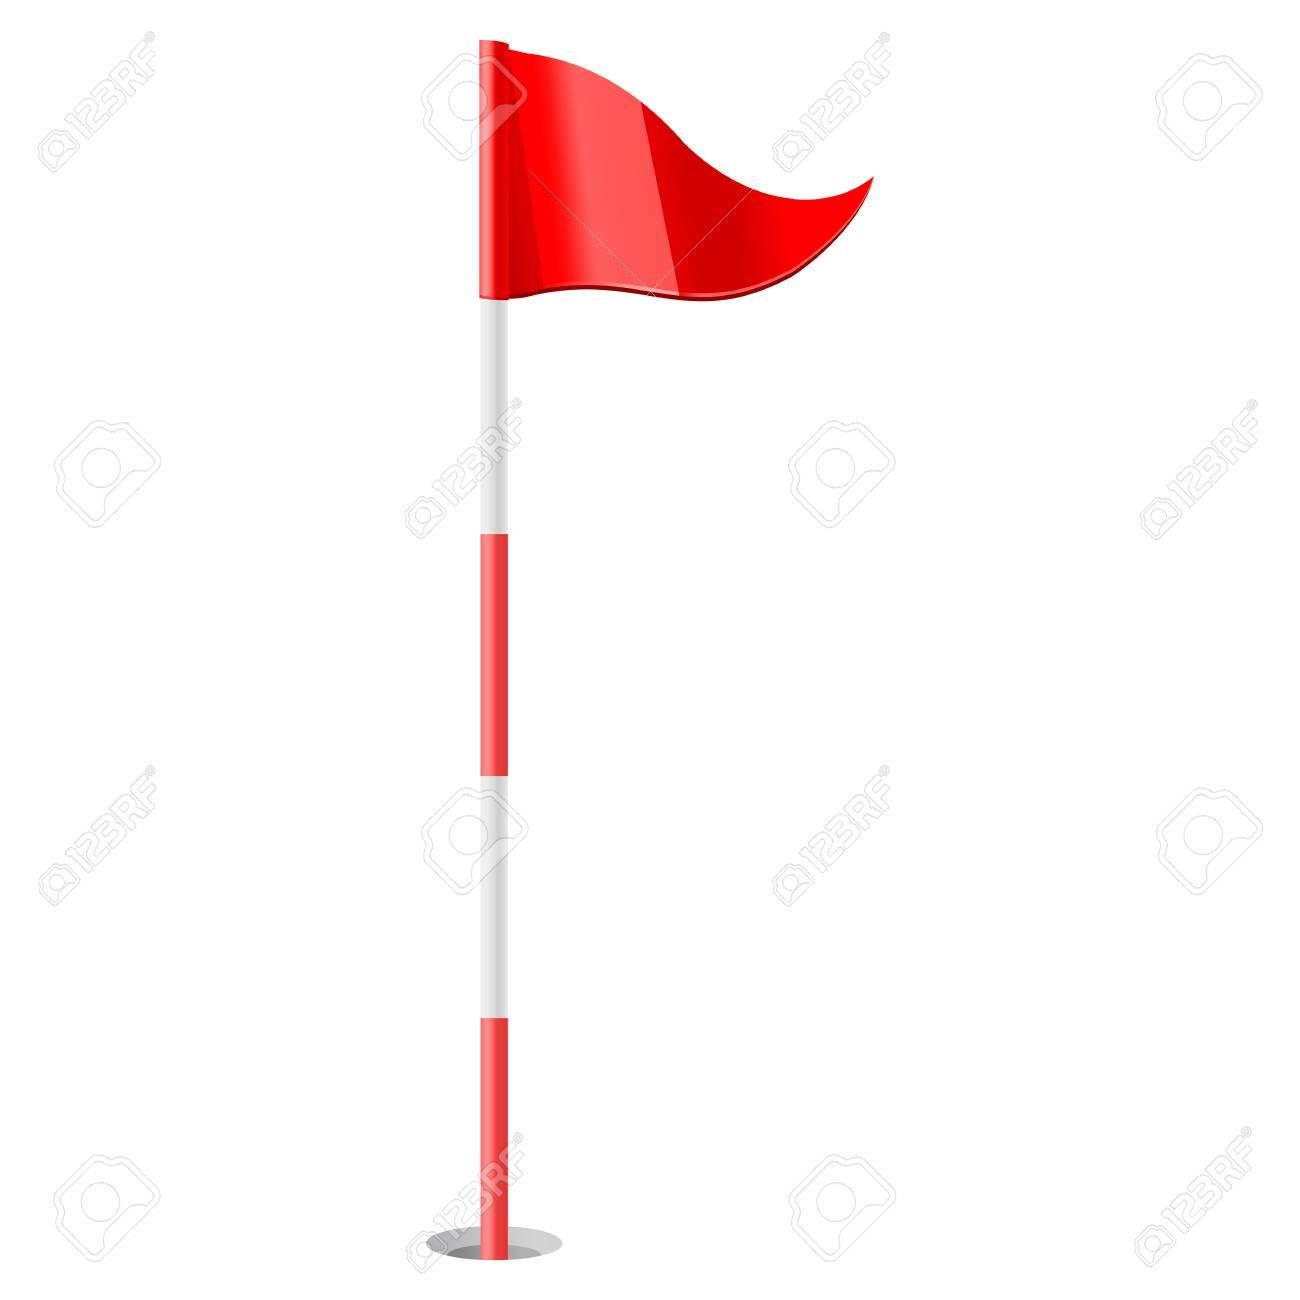 Vector Illustration Of Red Golf Flag Aff Illustration Vector Red Flag Golf Golf Flag Vector Illustration Illustration